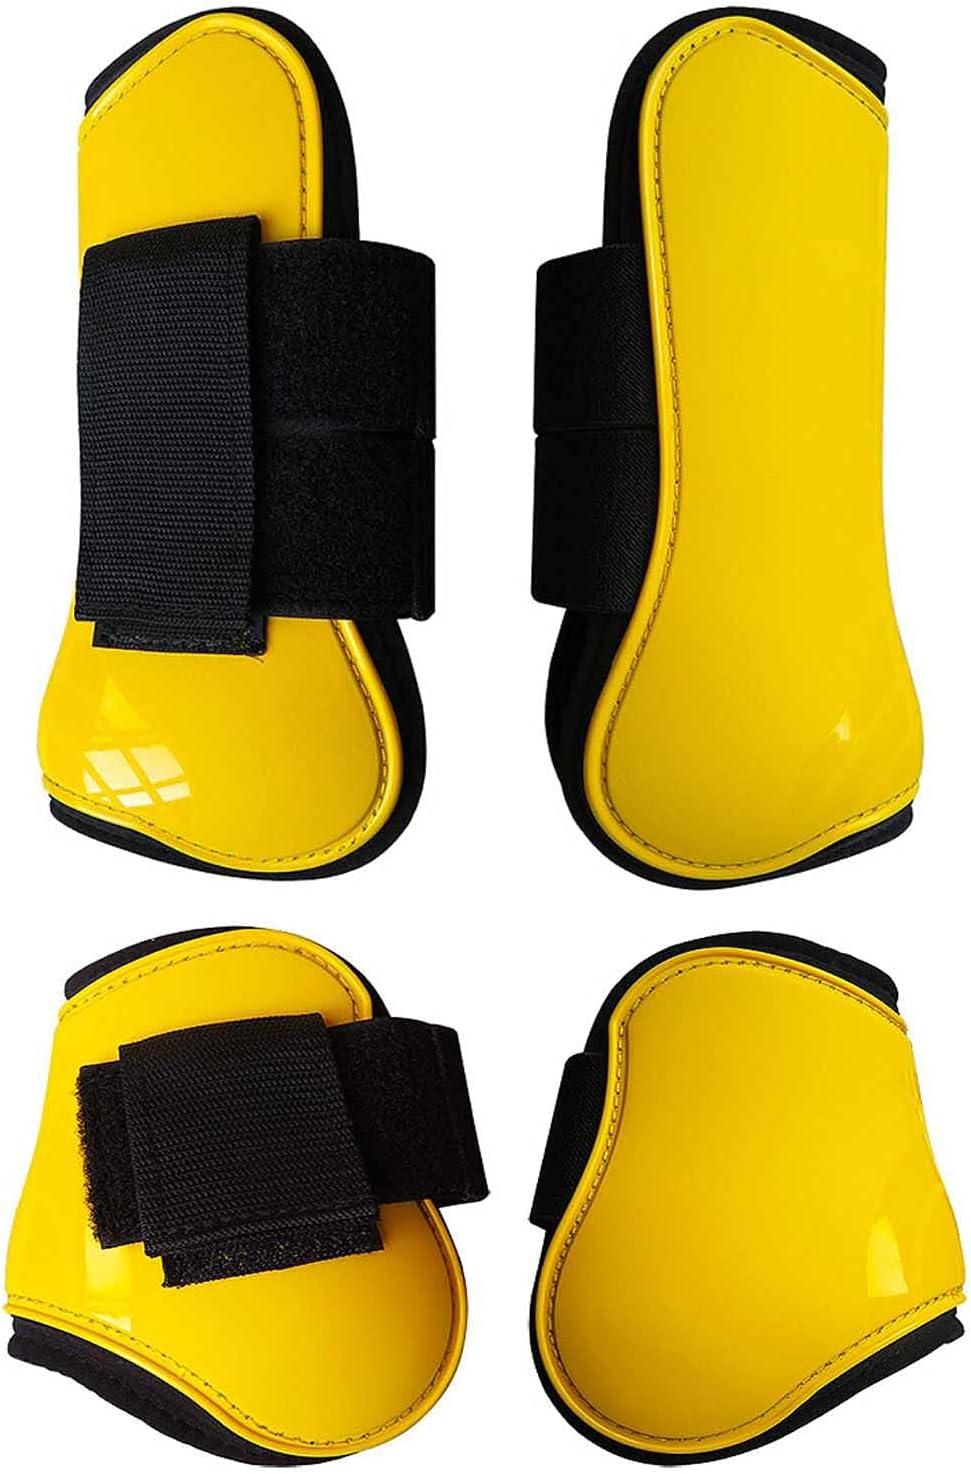 XDXDO Botas de Soporte de Caballos Conjunto de 4 Botas de Caballo de tendón de Neopreno con Cierres de Bucle de Retorno rápido Botas de Cuidado de Caballos Ajustables,L